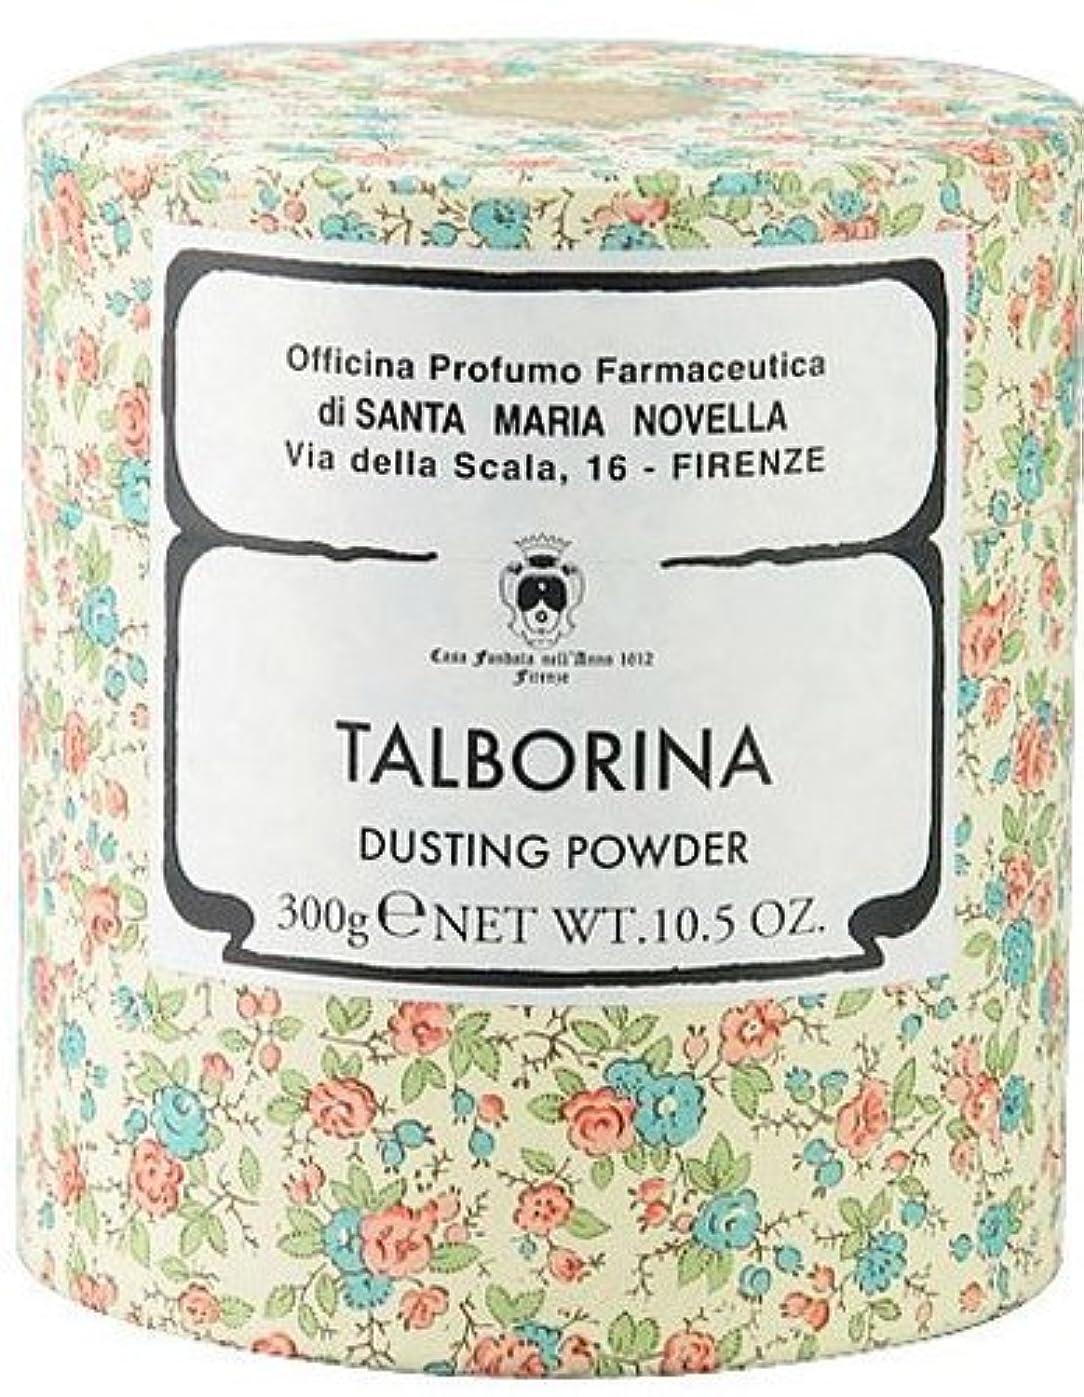 賢明なブランデー和解するサンタマリアノヴェッラ タルボリーナ アイリス 300g [並行輸入品]